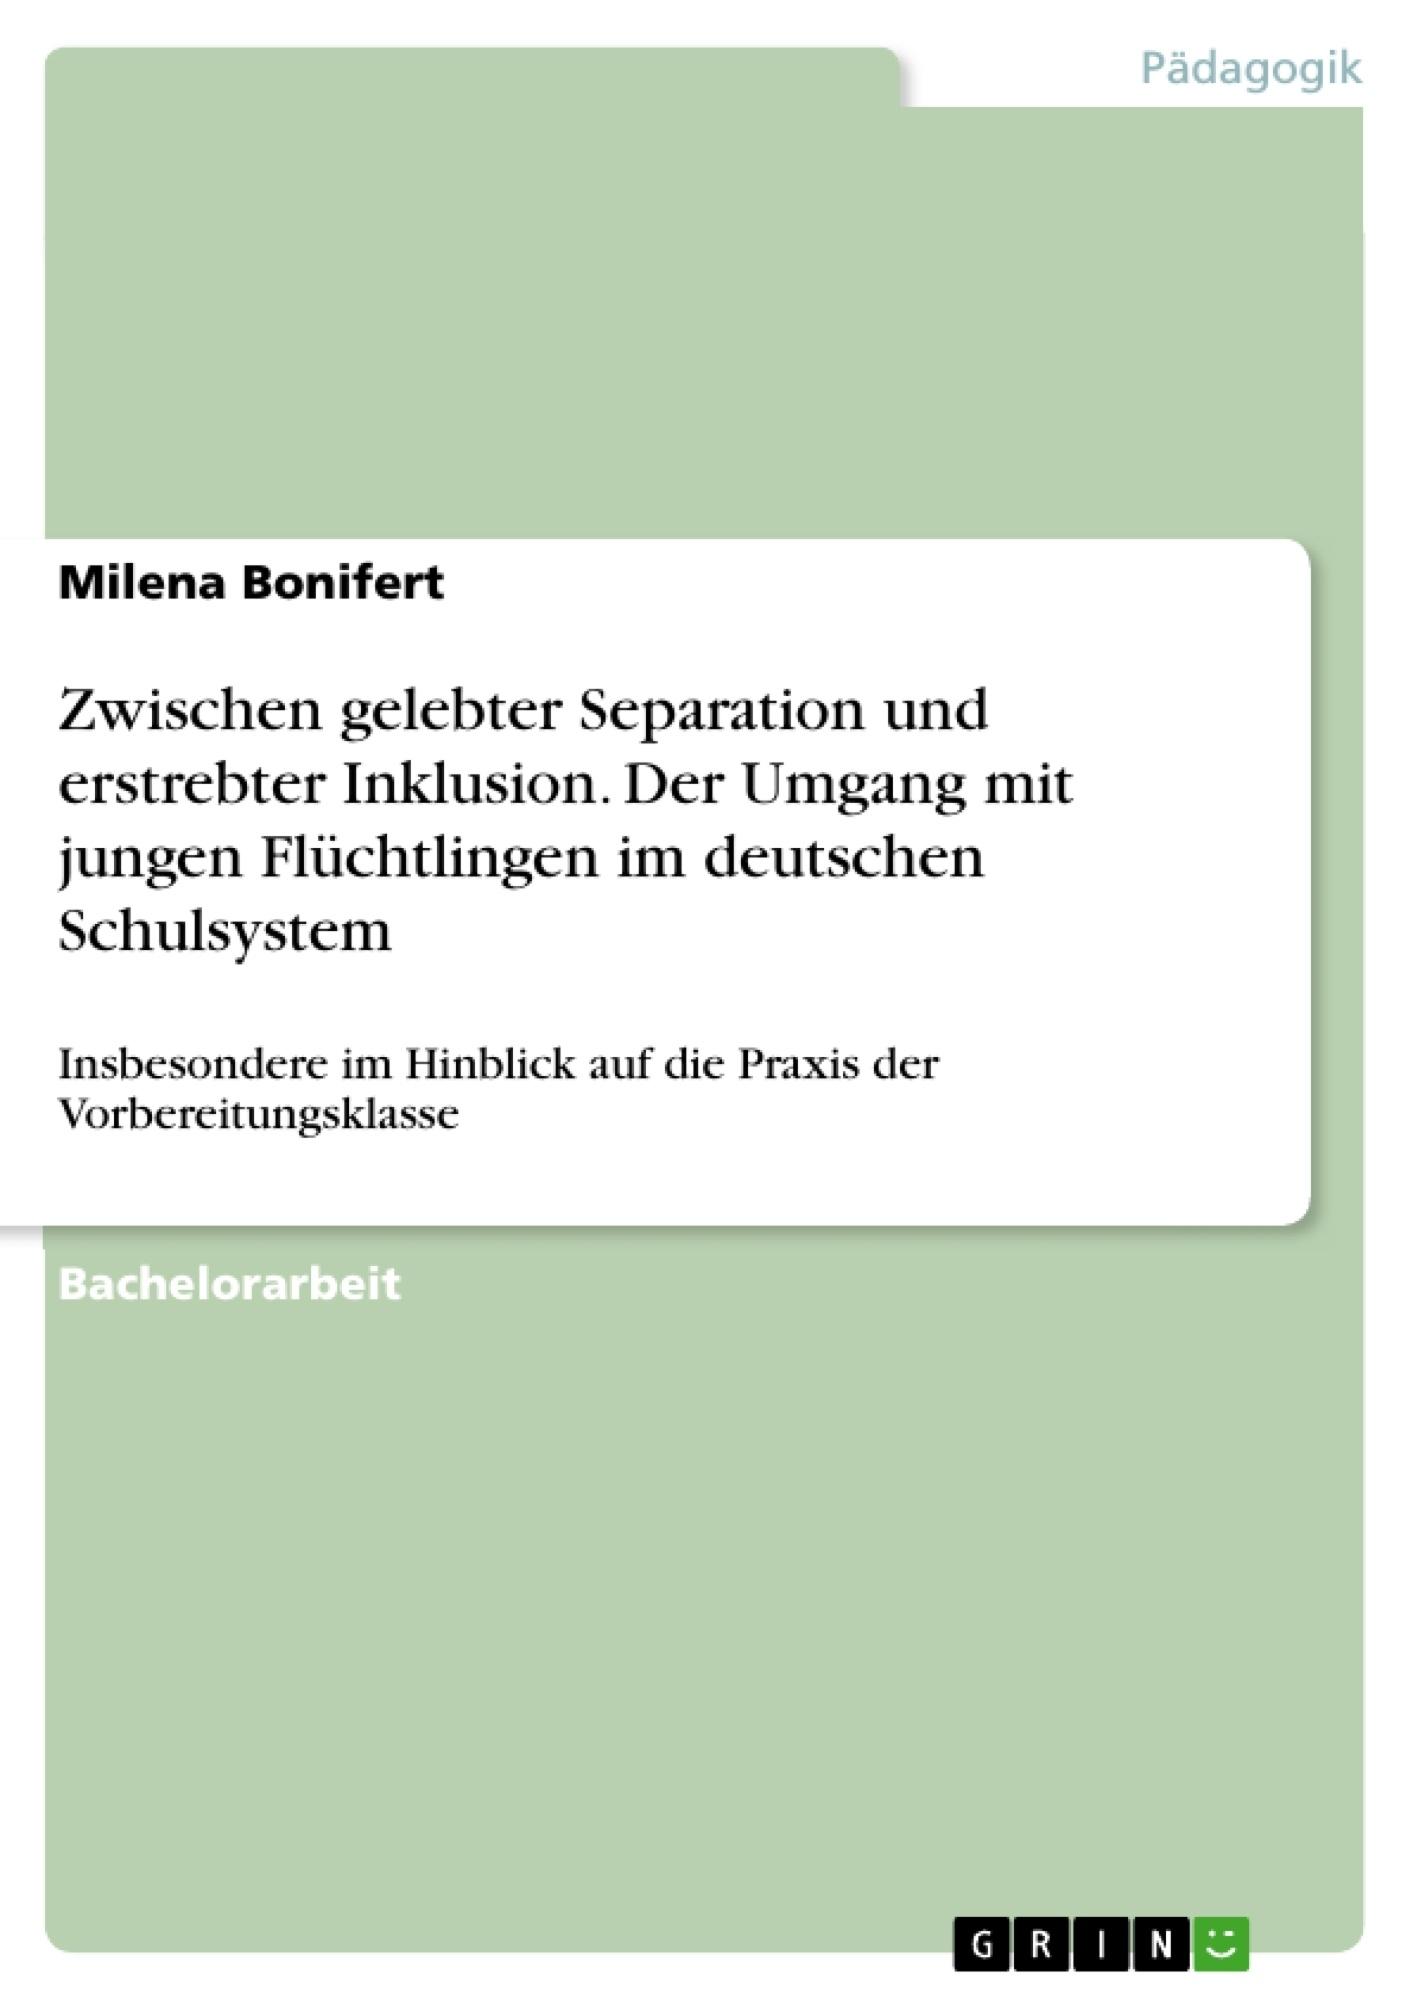 Titel: Zwischen gelebter Separation und erstrebter Inklusion. Der Umgang mit jungen Flüchtlingen im deutschen Schulsystem